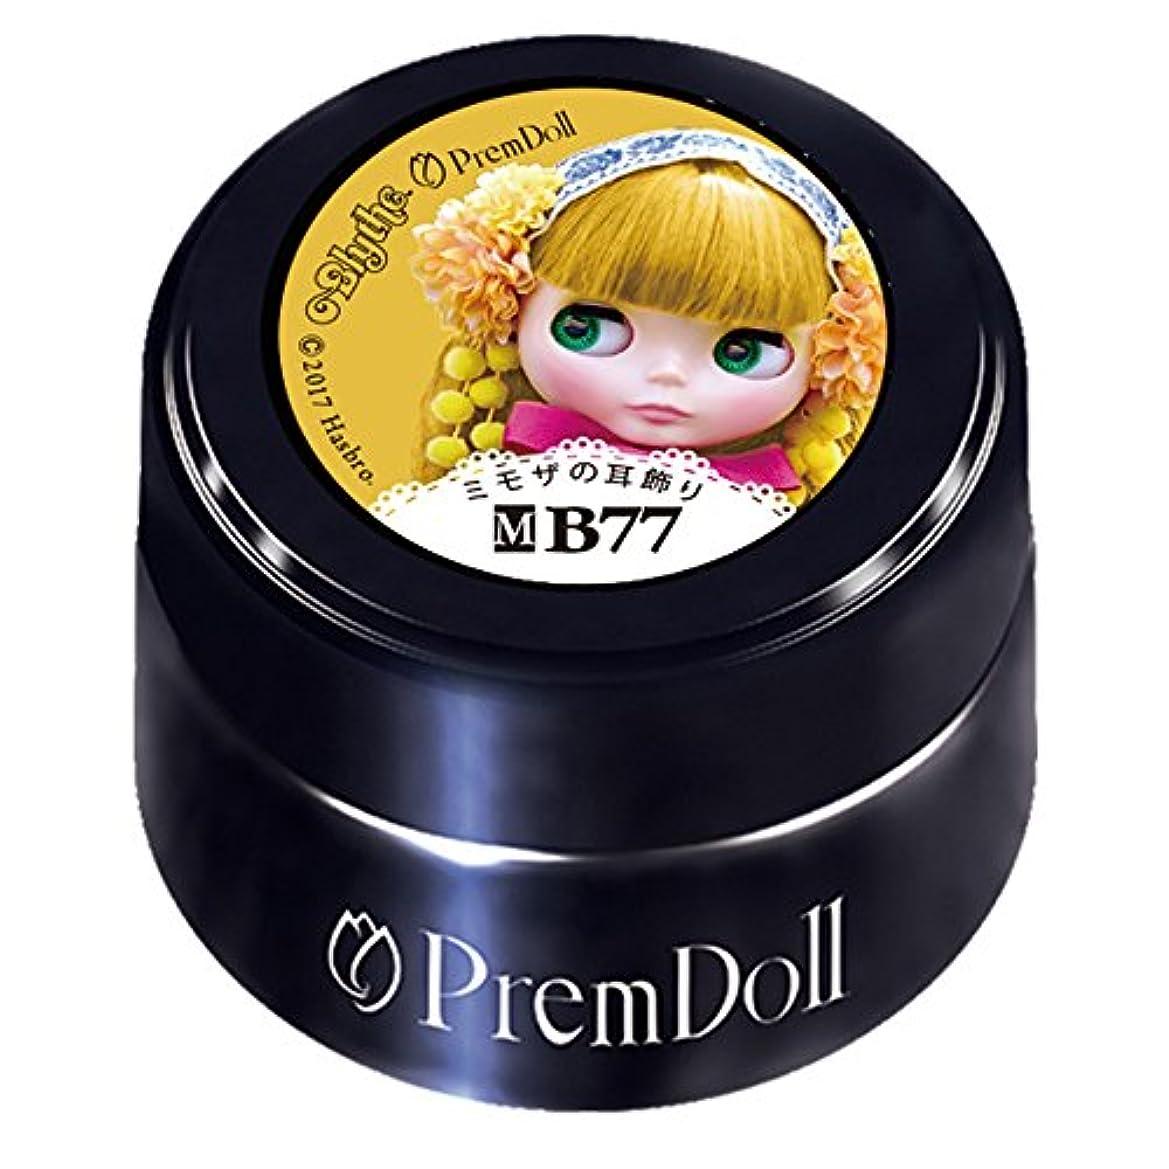 公平な鉱夫教授PRE GEL プリムドール ミモザの首飾り DOLL-B77 3g UV/LED対応 カラージェル